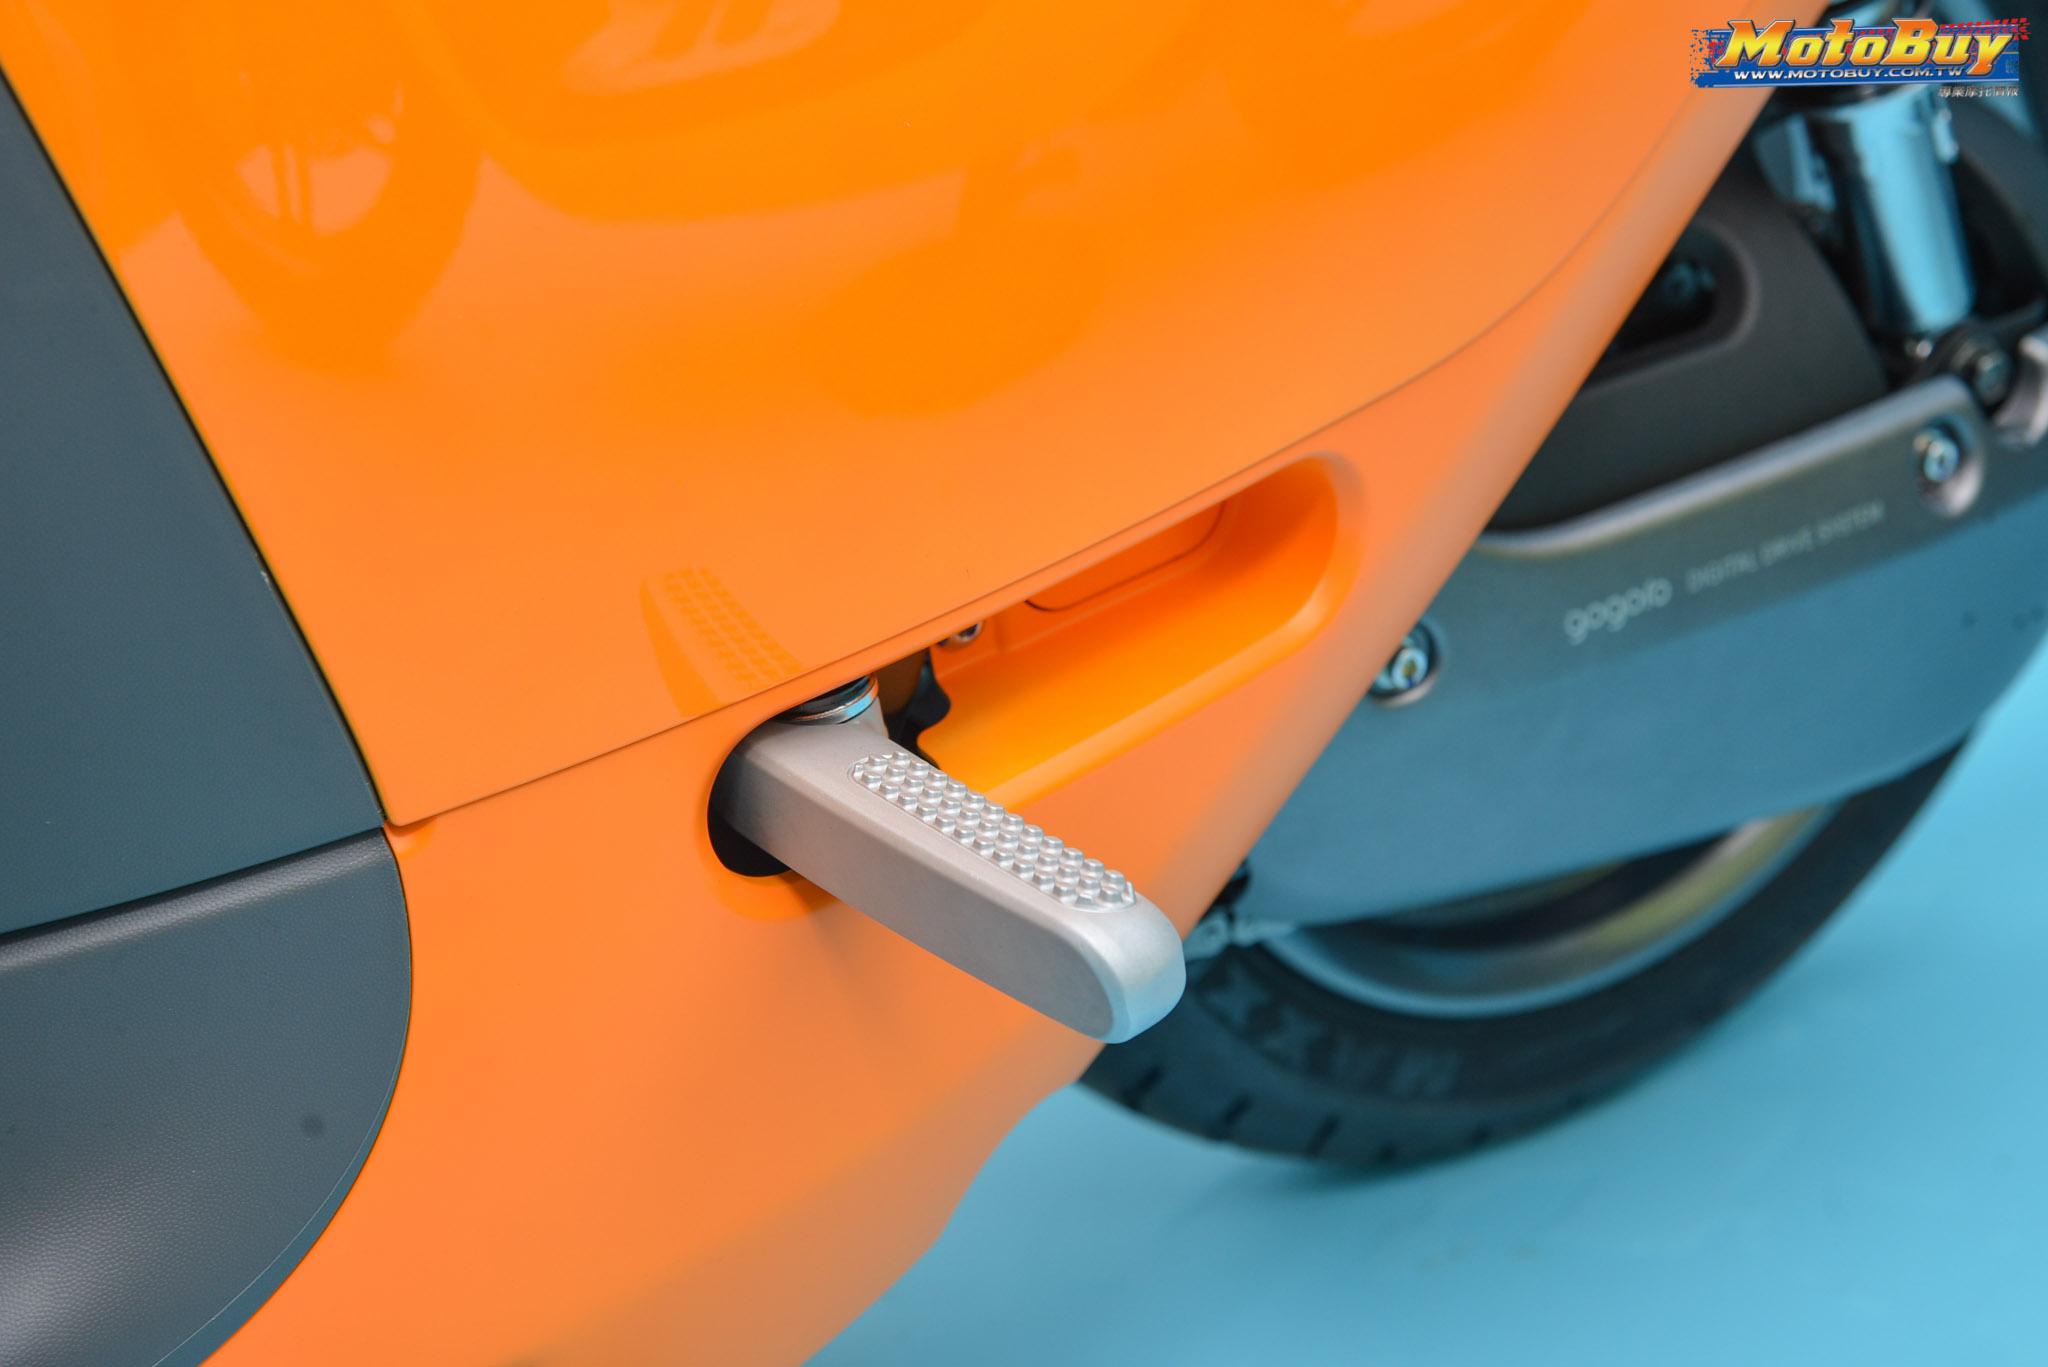 [新車情報] 走出獨特風格!GOGORO 2 Smartscooter智慧雙輪登場!   MotoBuy